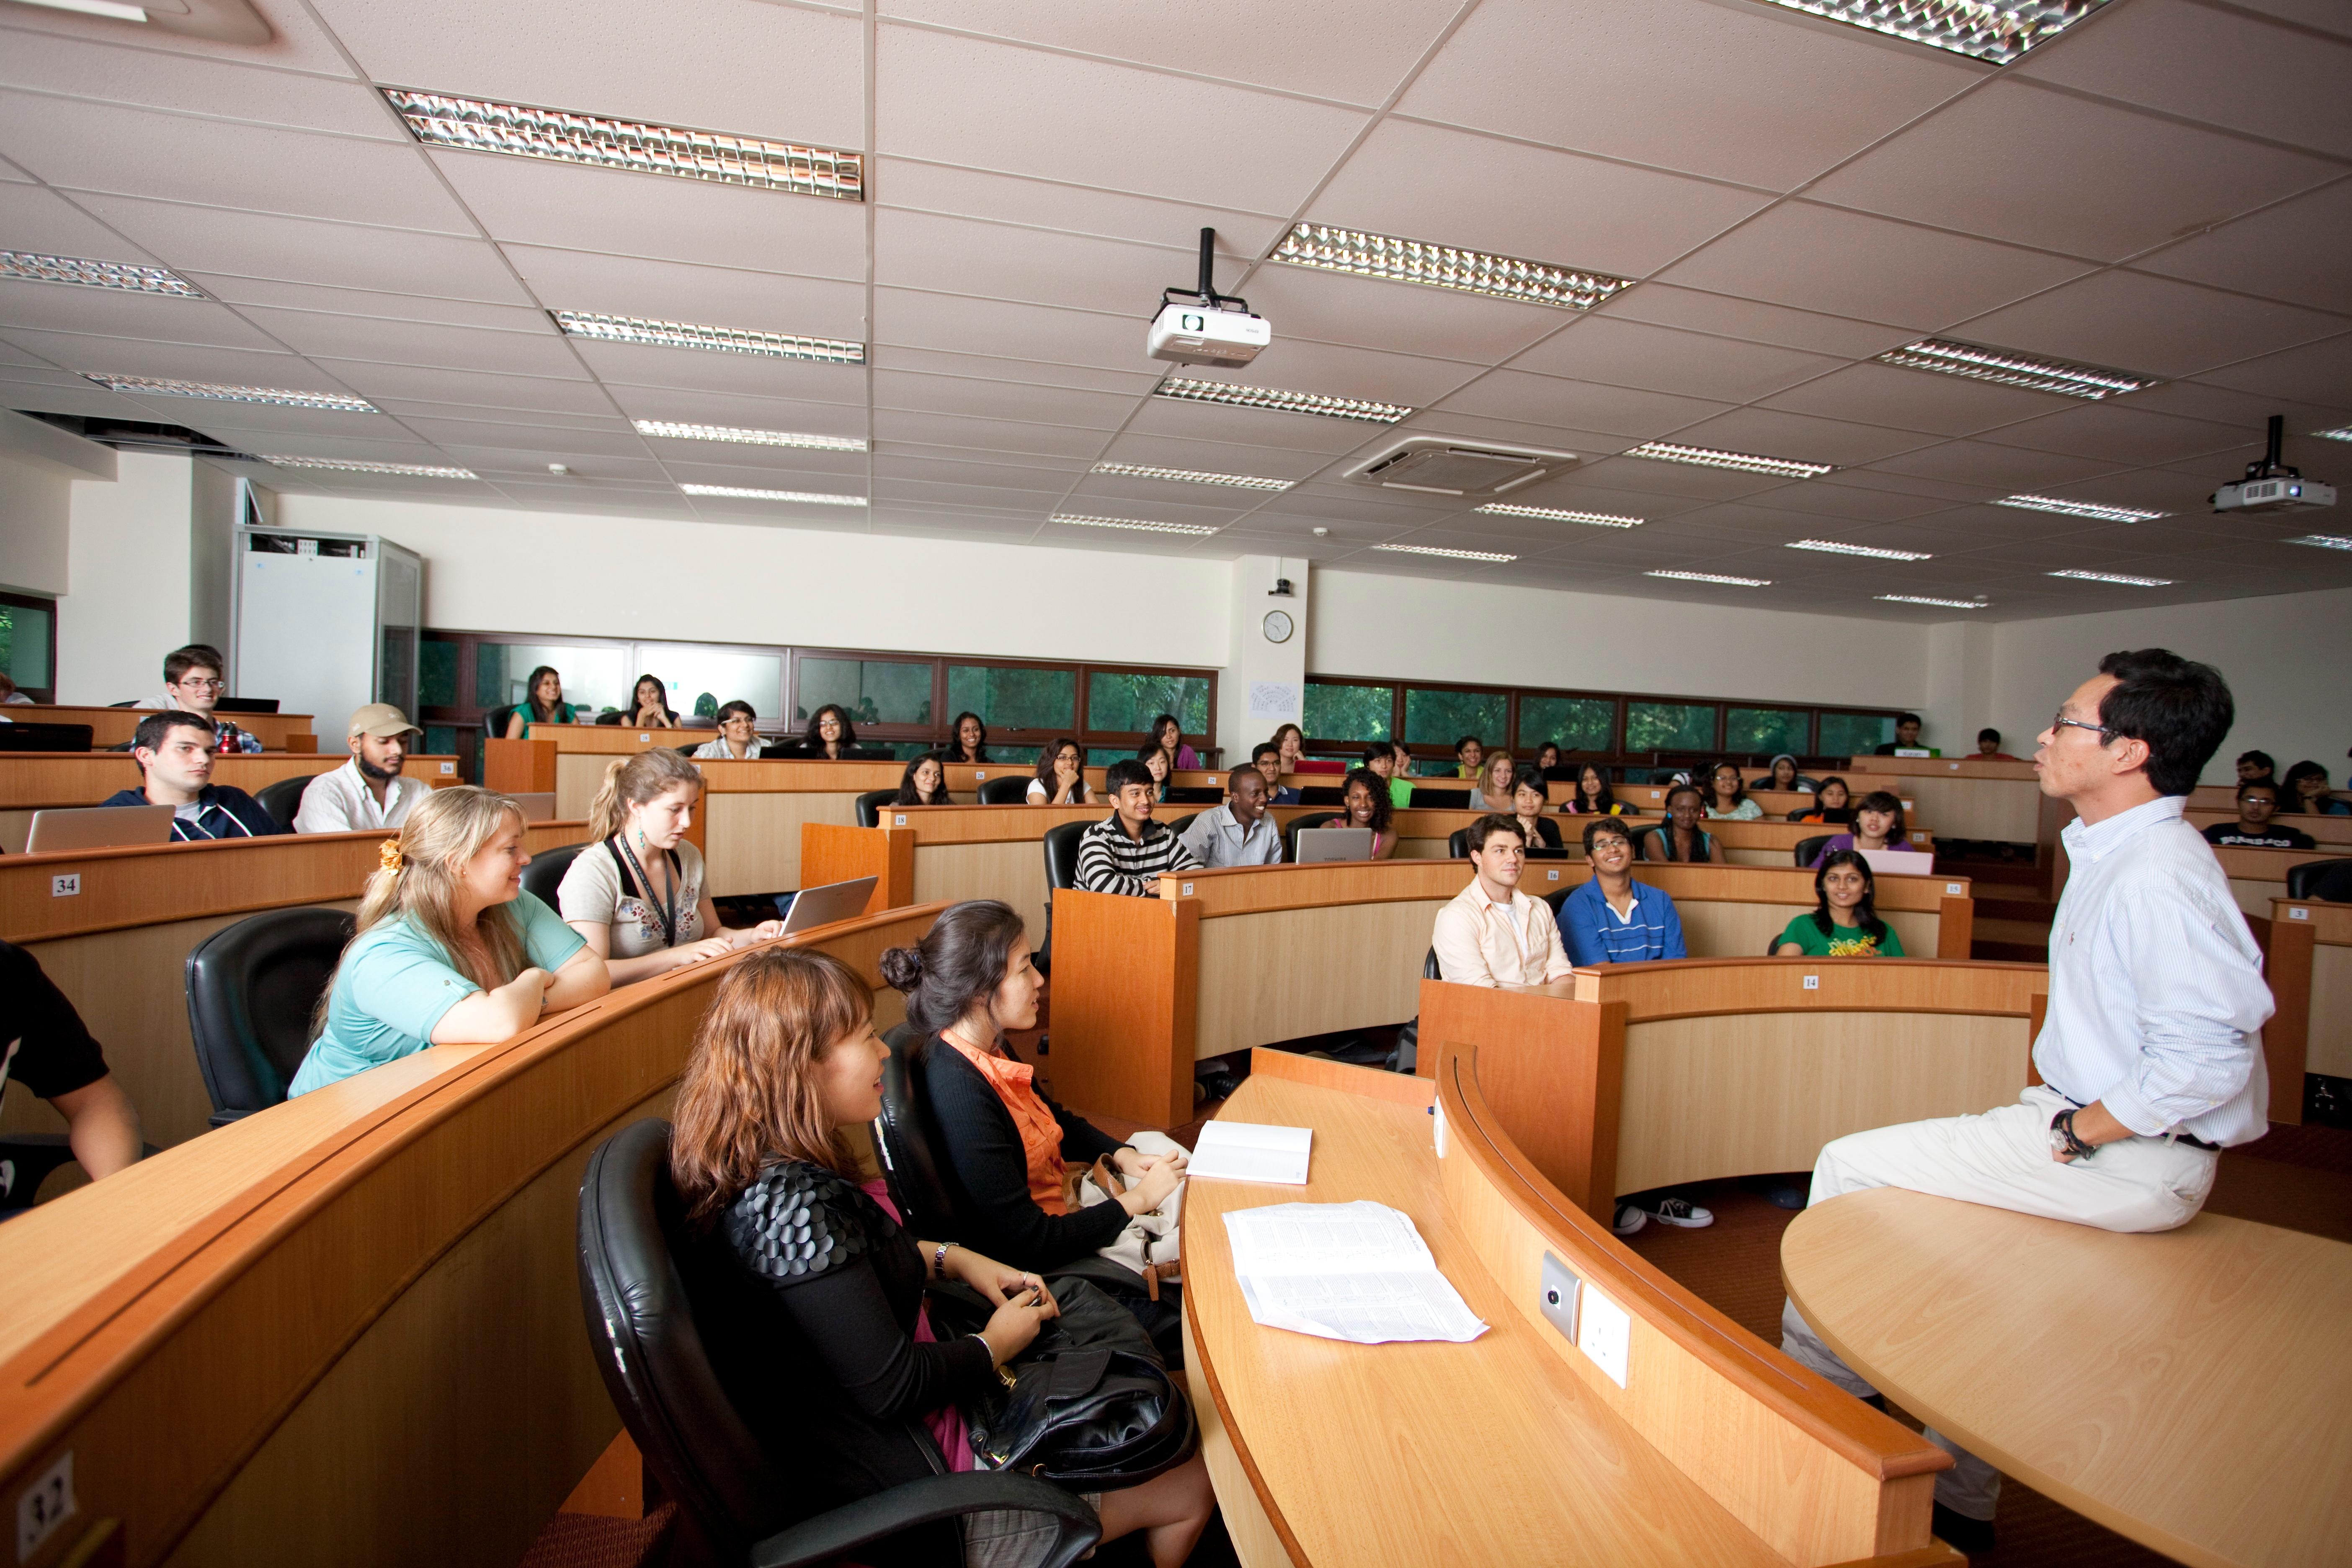 Lecture theatre 2.jpg